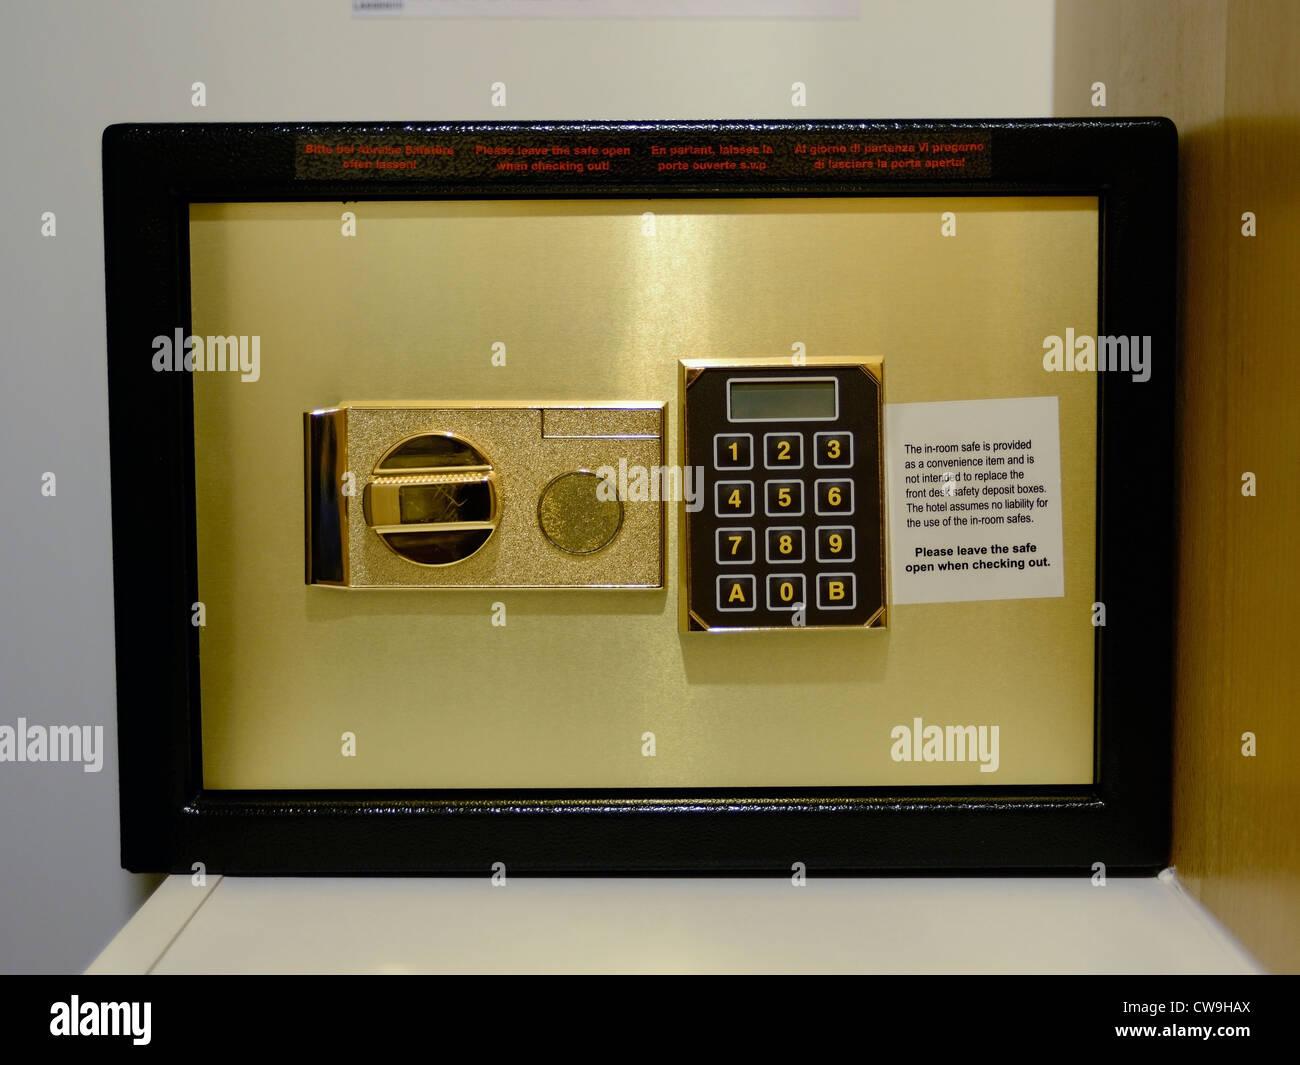 Hotel safe - Stock Image